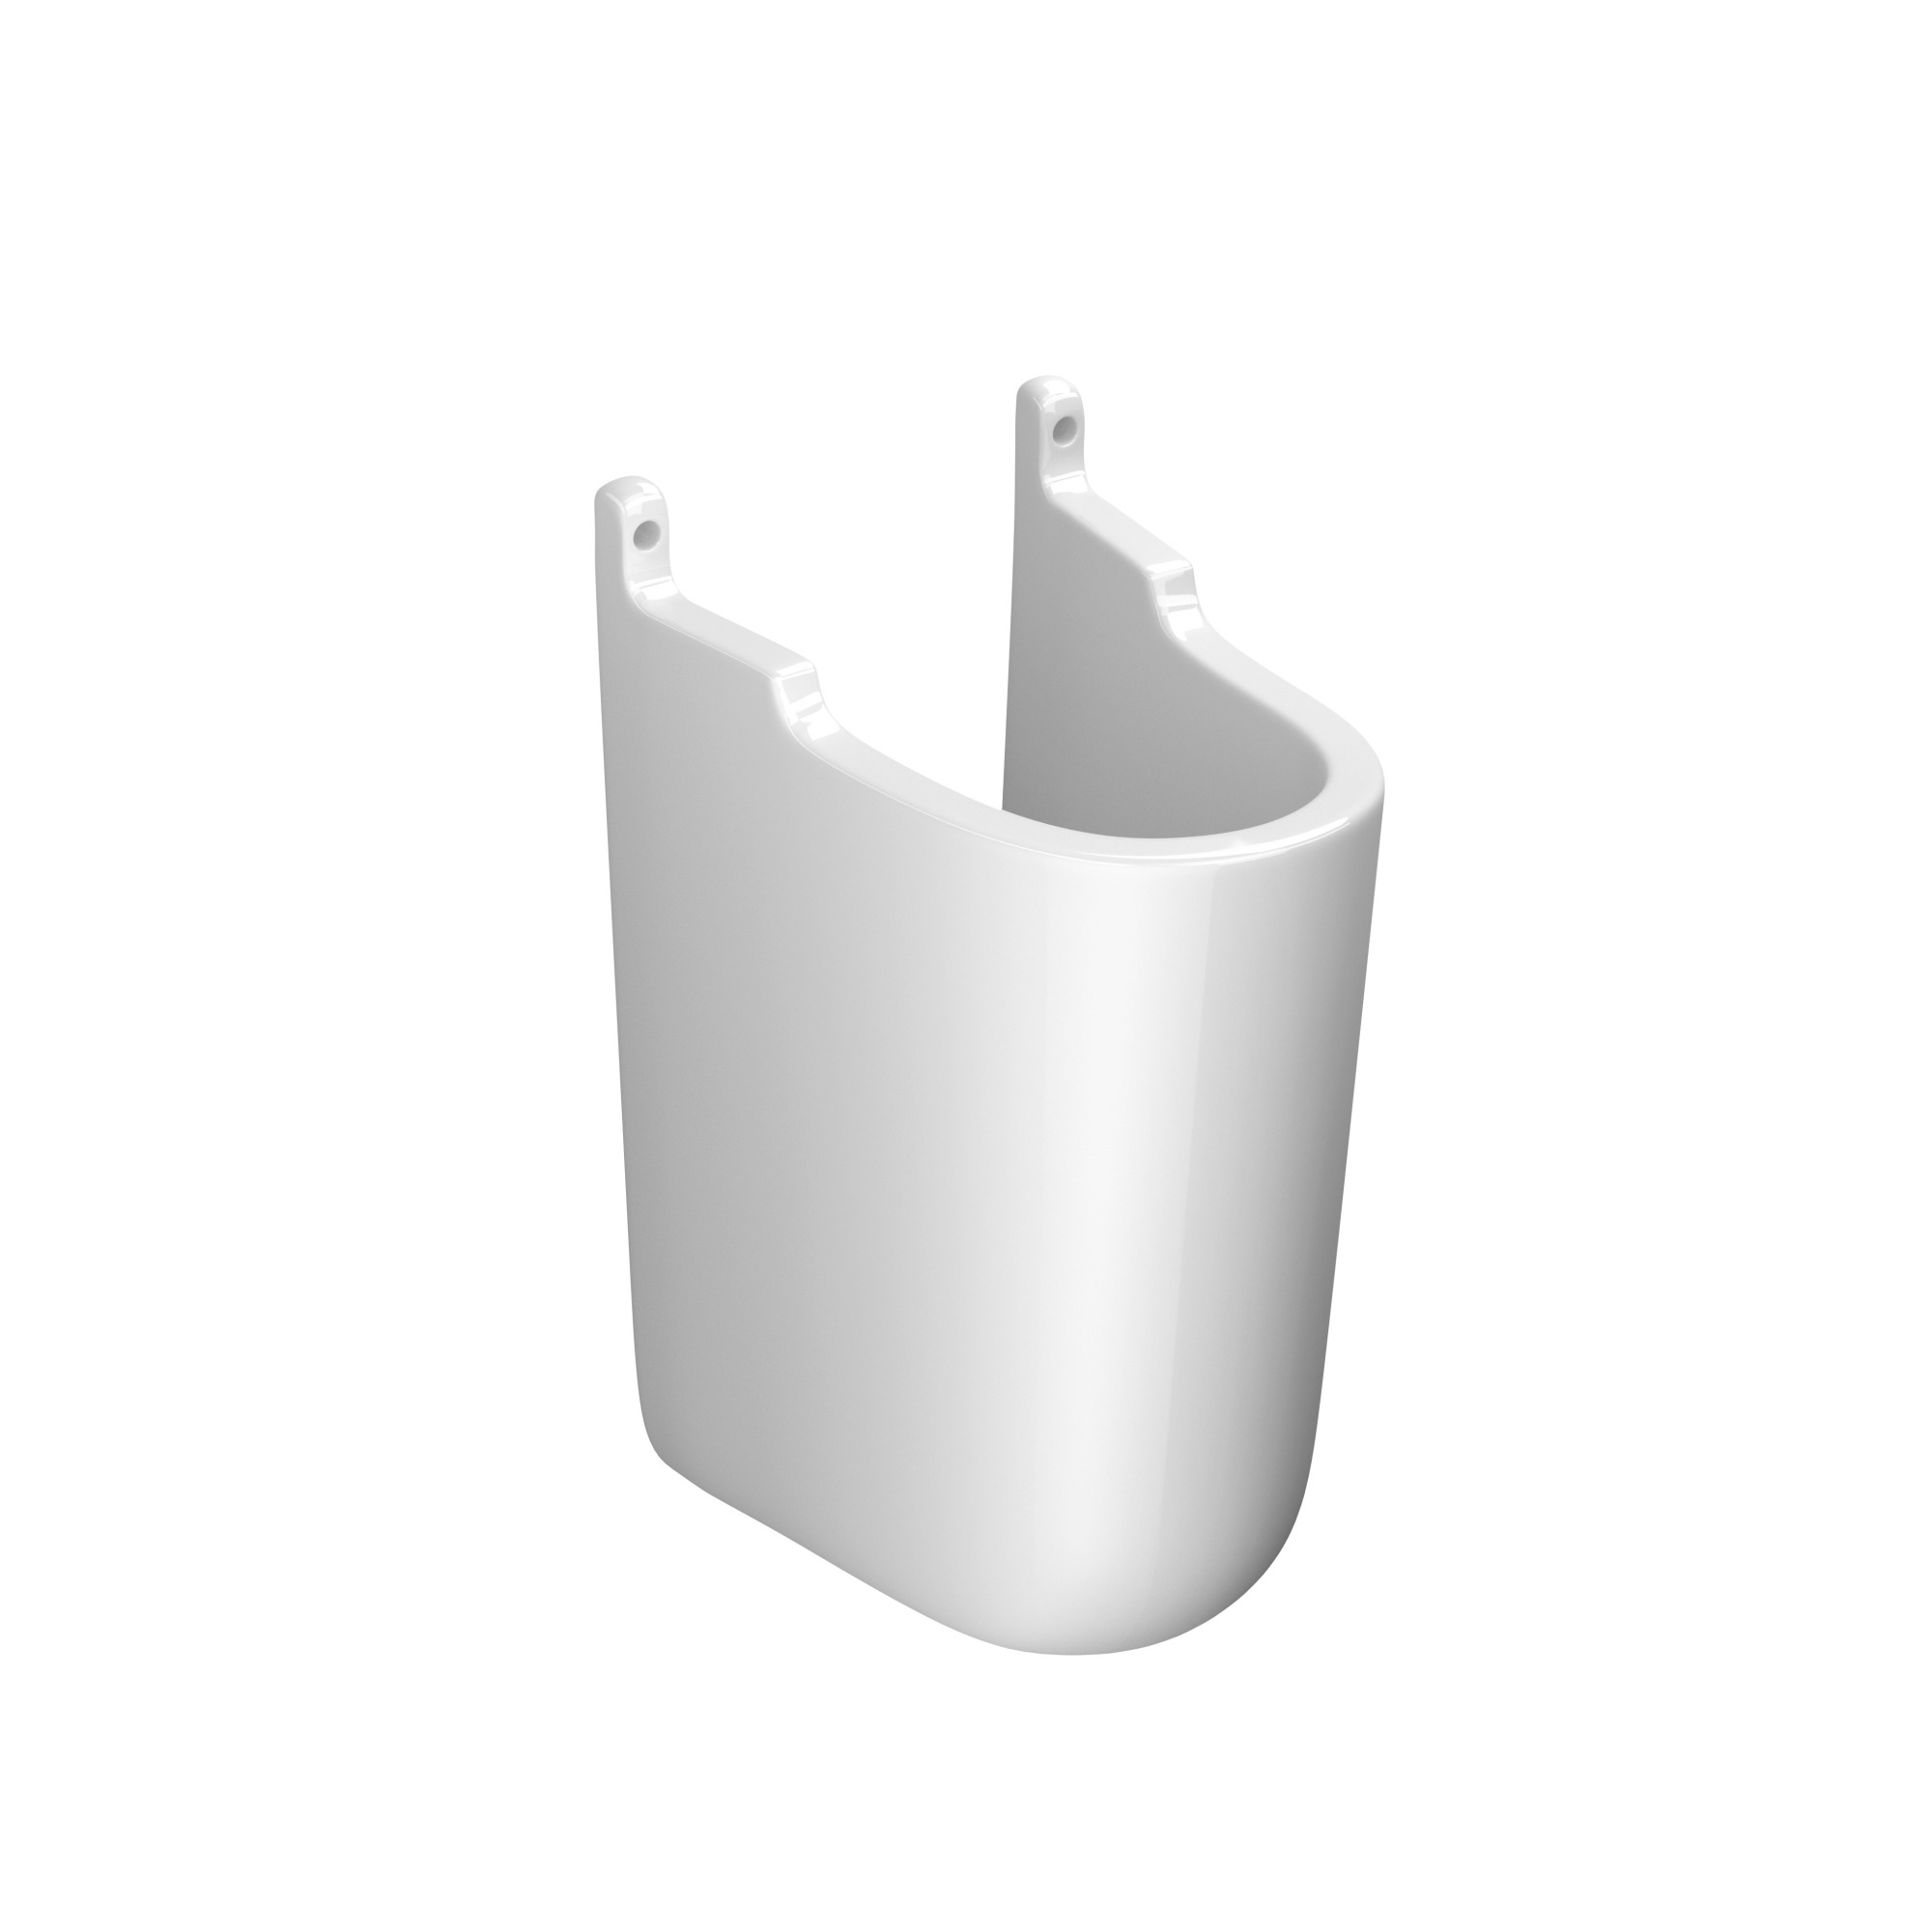 Coluna Suspensa Deca para Lavatorio Vogue Plus Branco Gelo - C51017